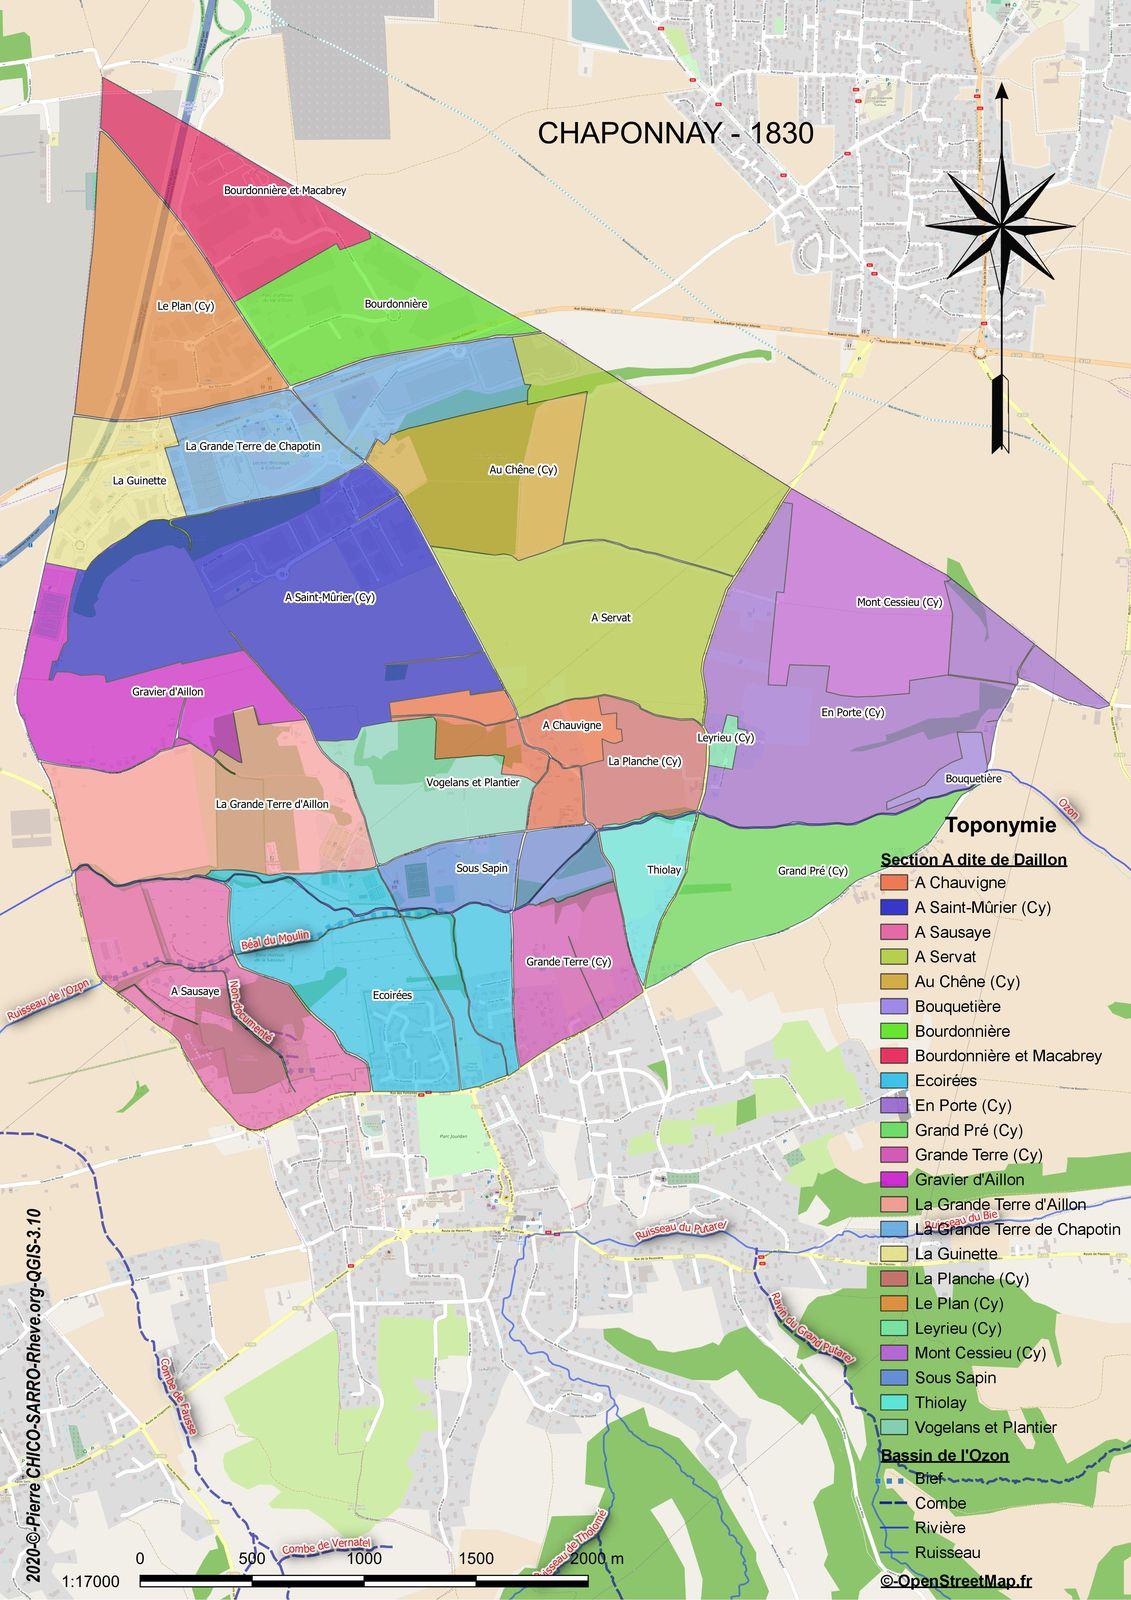 Distribution des toponymes de la section A dite de Daillon à Chaponnay en 1830